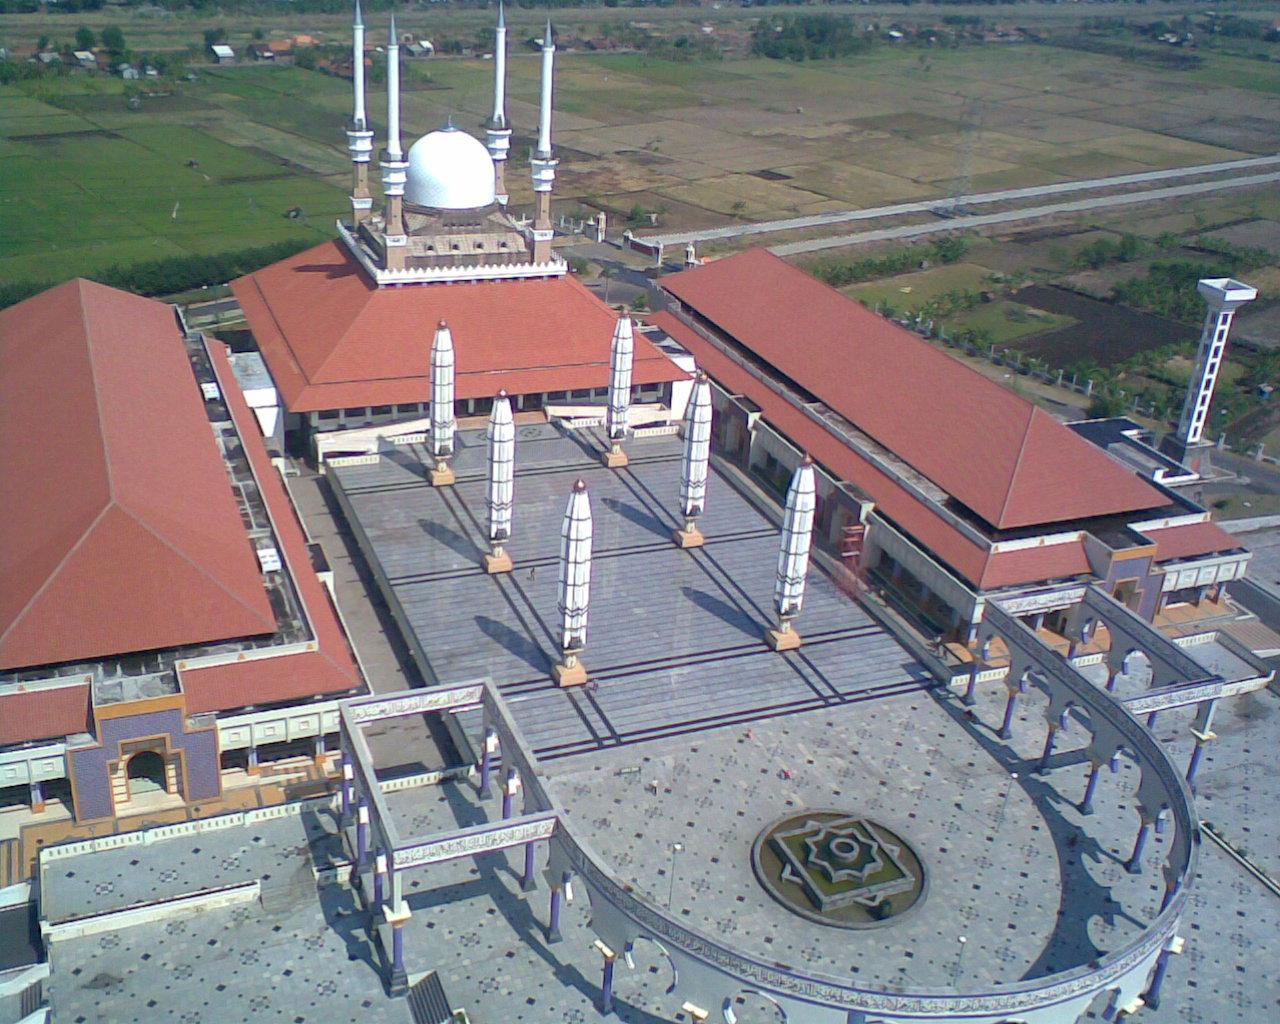 Masjid Agung Jawa Tengah Majt Read Note Kab Semarang